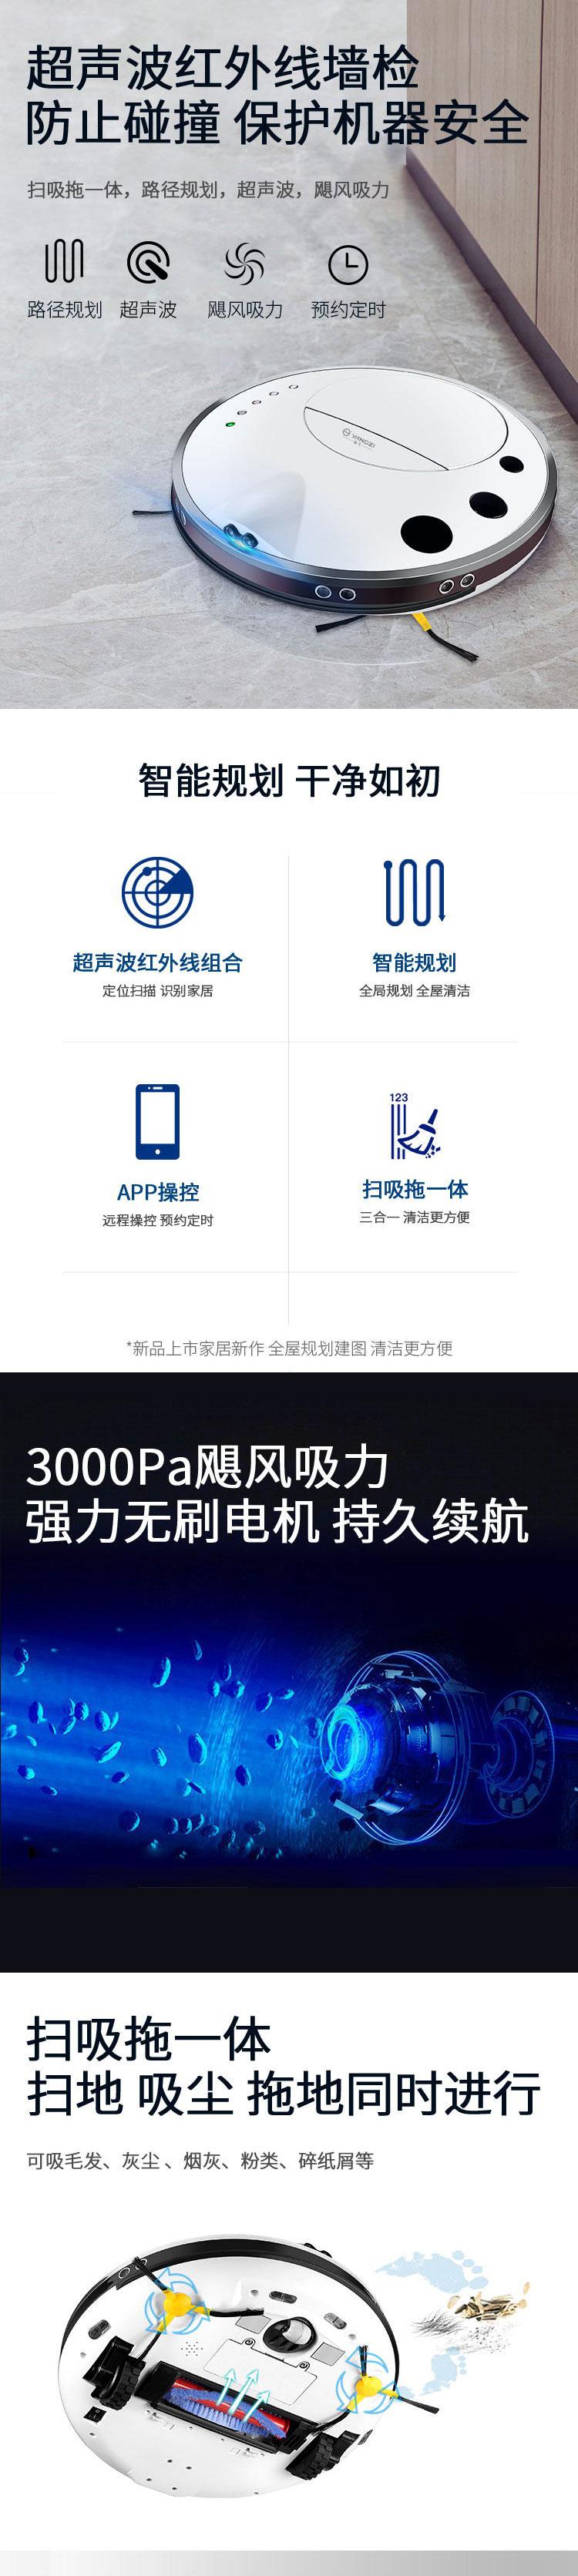 扫地机详情页_看图王_02.jpg